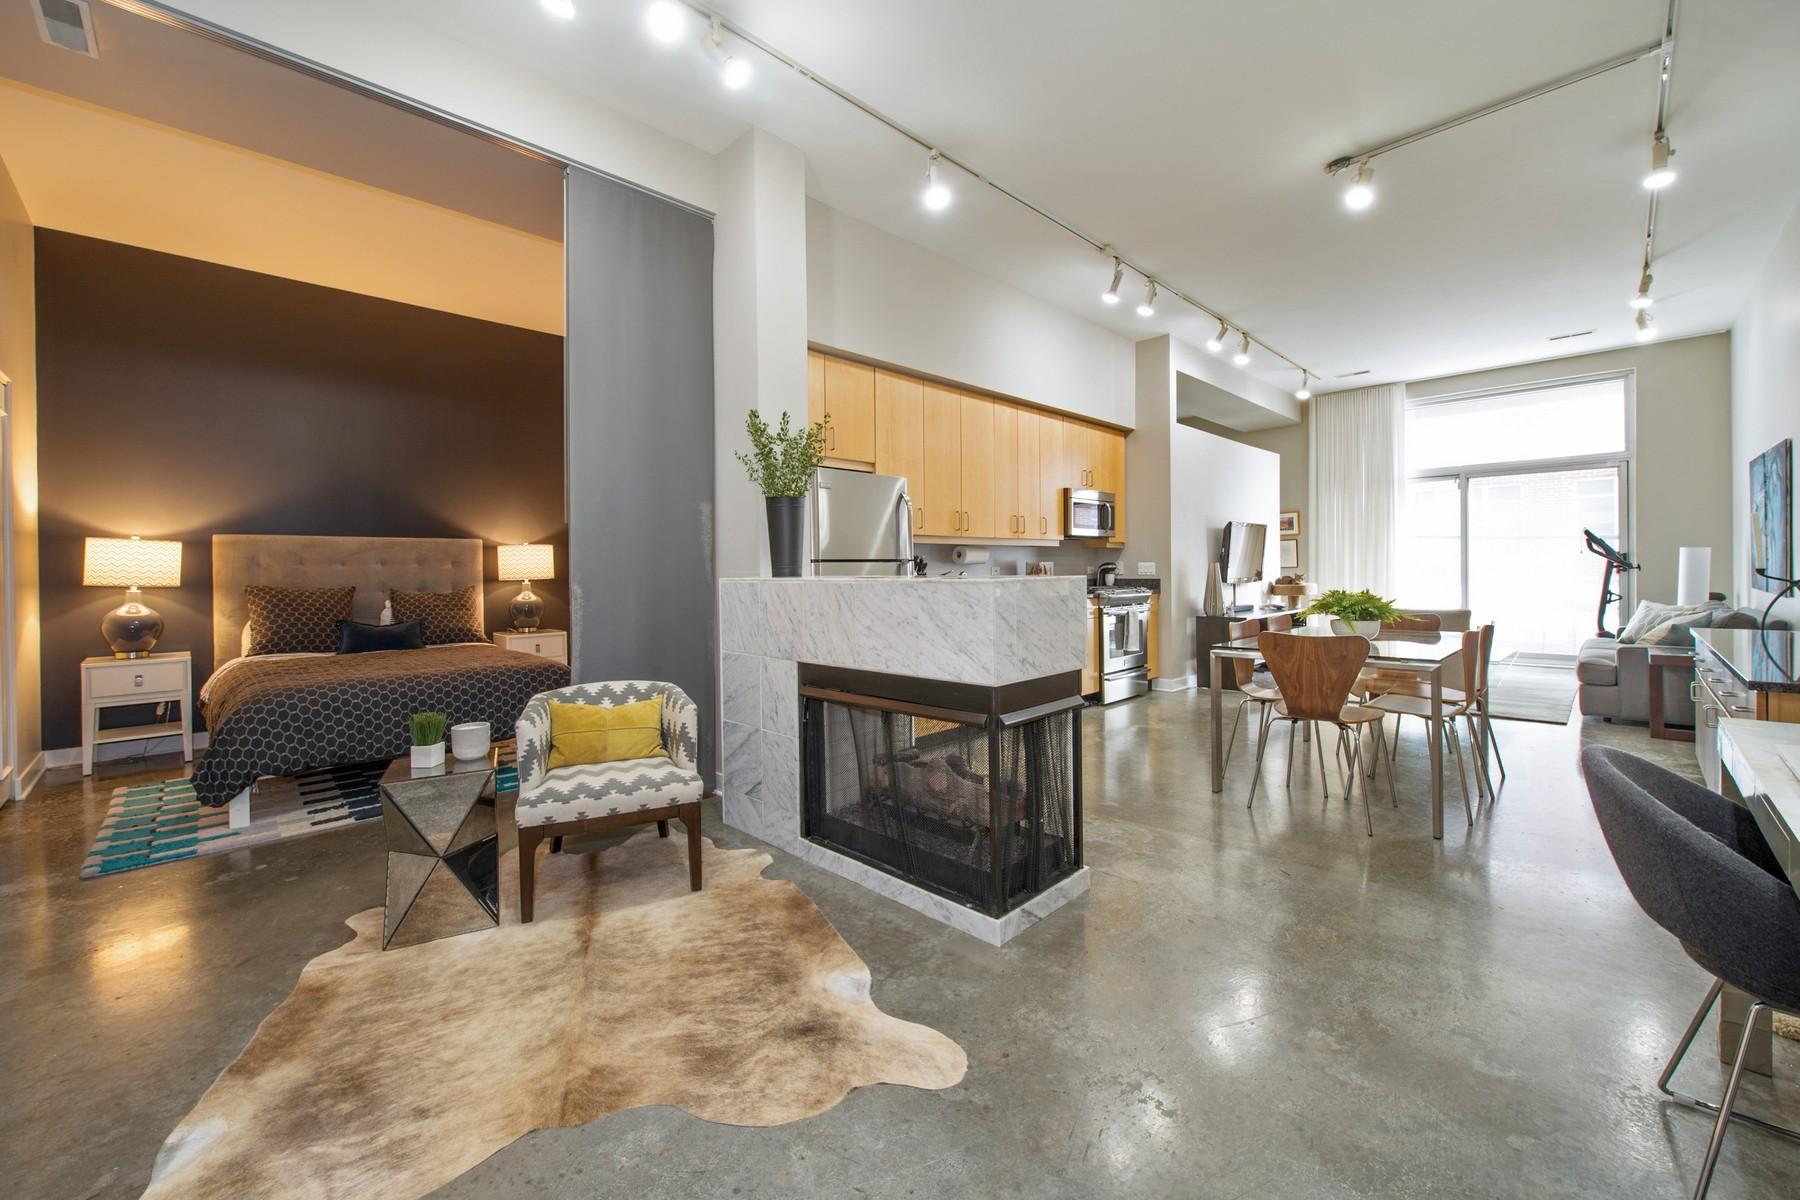 共管式独立产权公寓 为 销售 在 Two Bedroom West Loop Loft 939 W Madison Street Unit 205, Near West Side, 芝加哥, 伊利诺斯州, 60607 美国